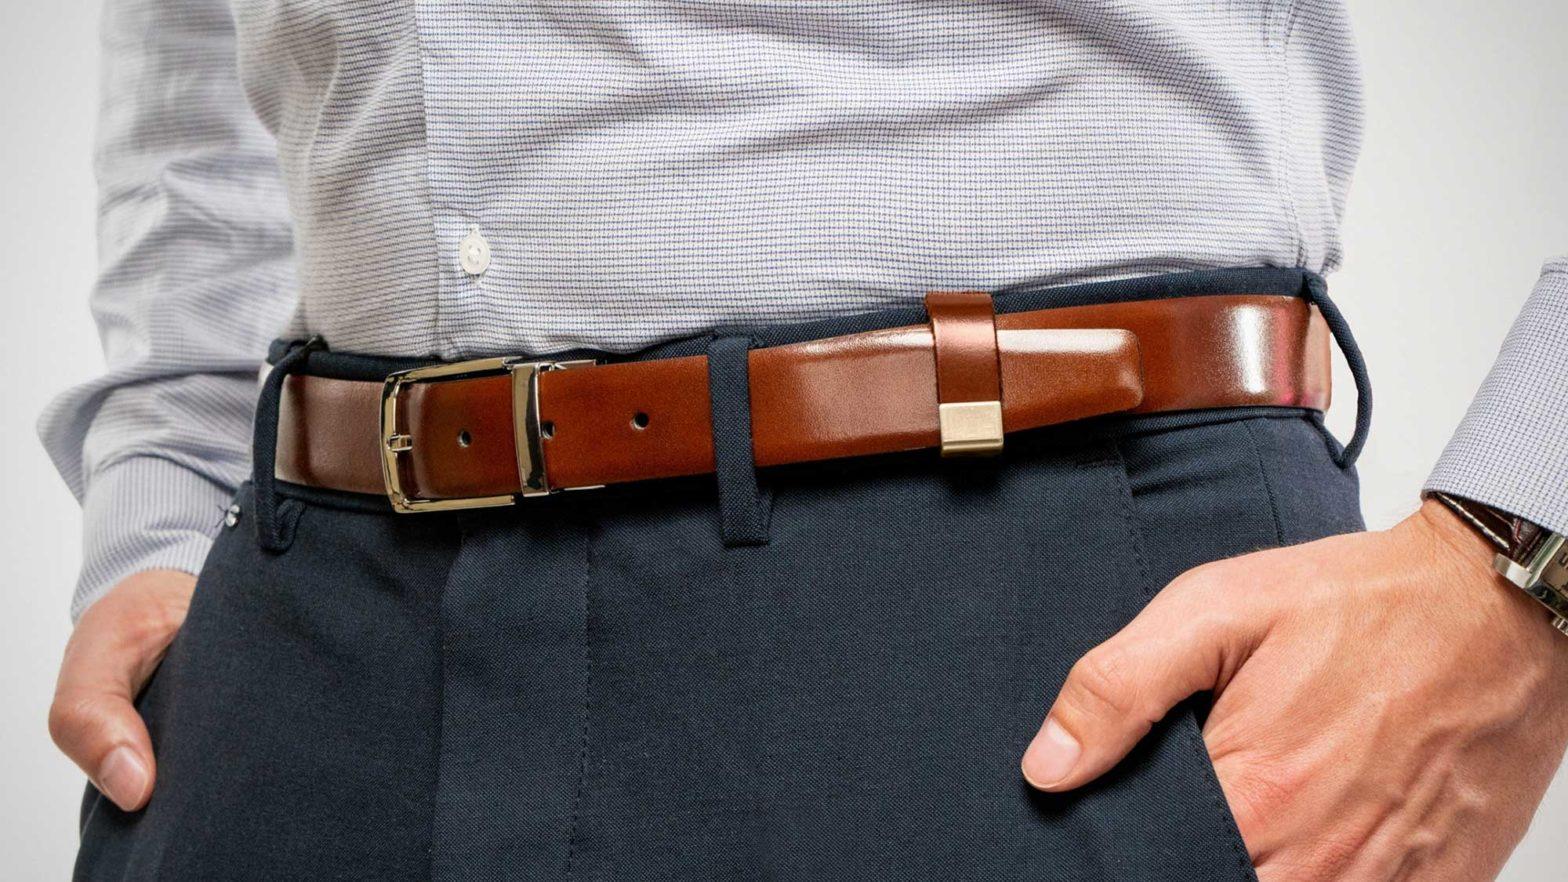 Beltpin Detachable Loop For Waist Belts